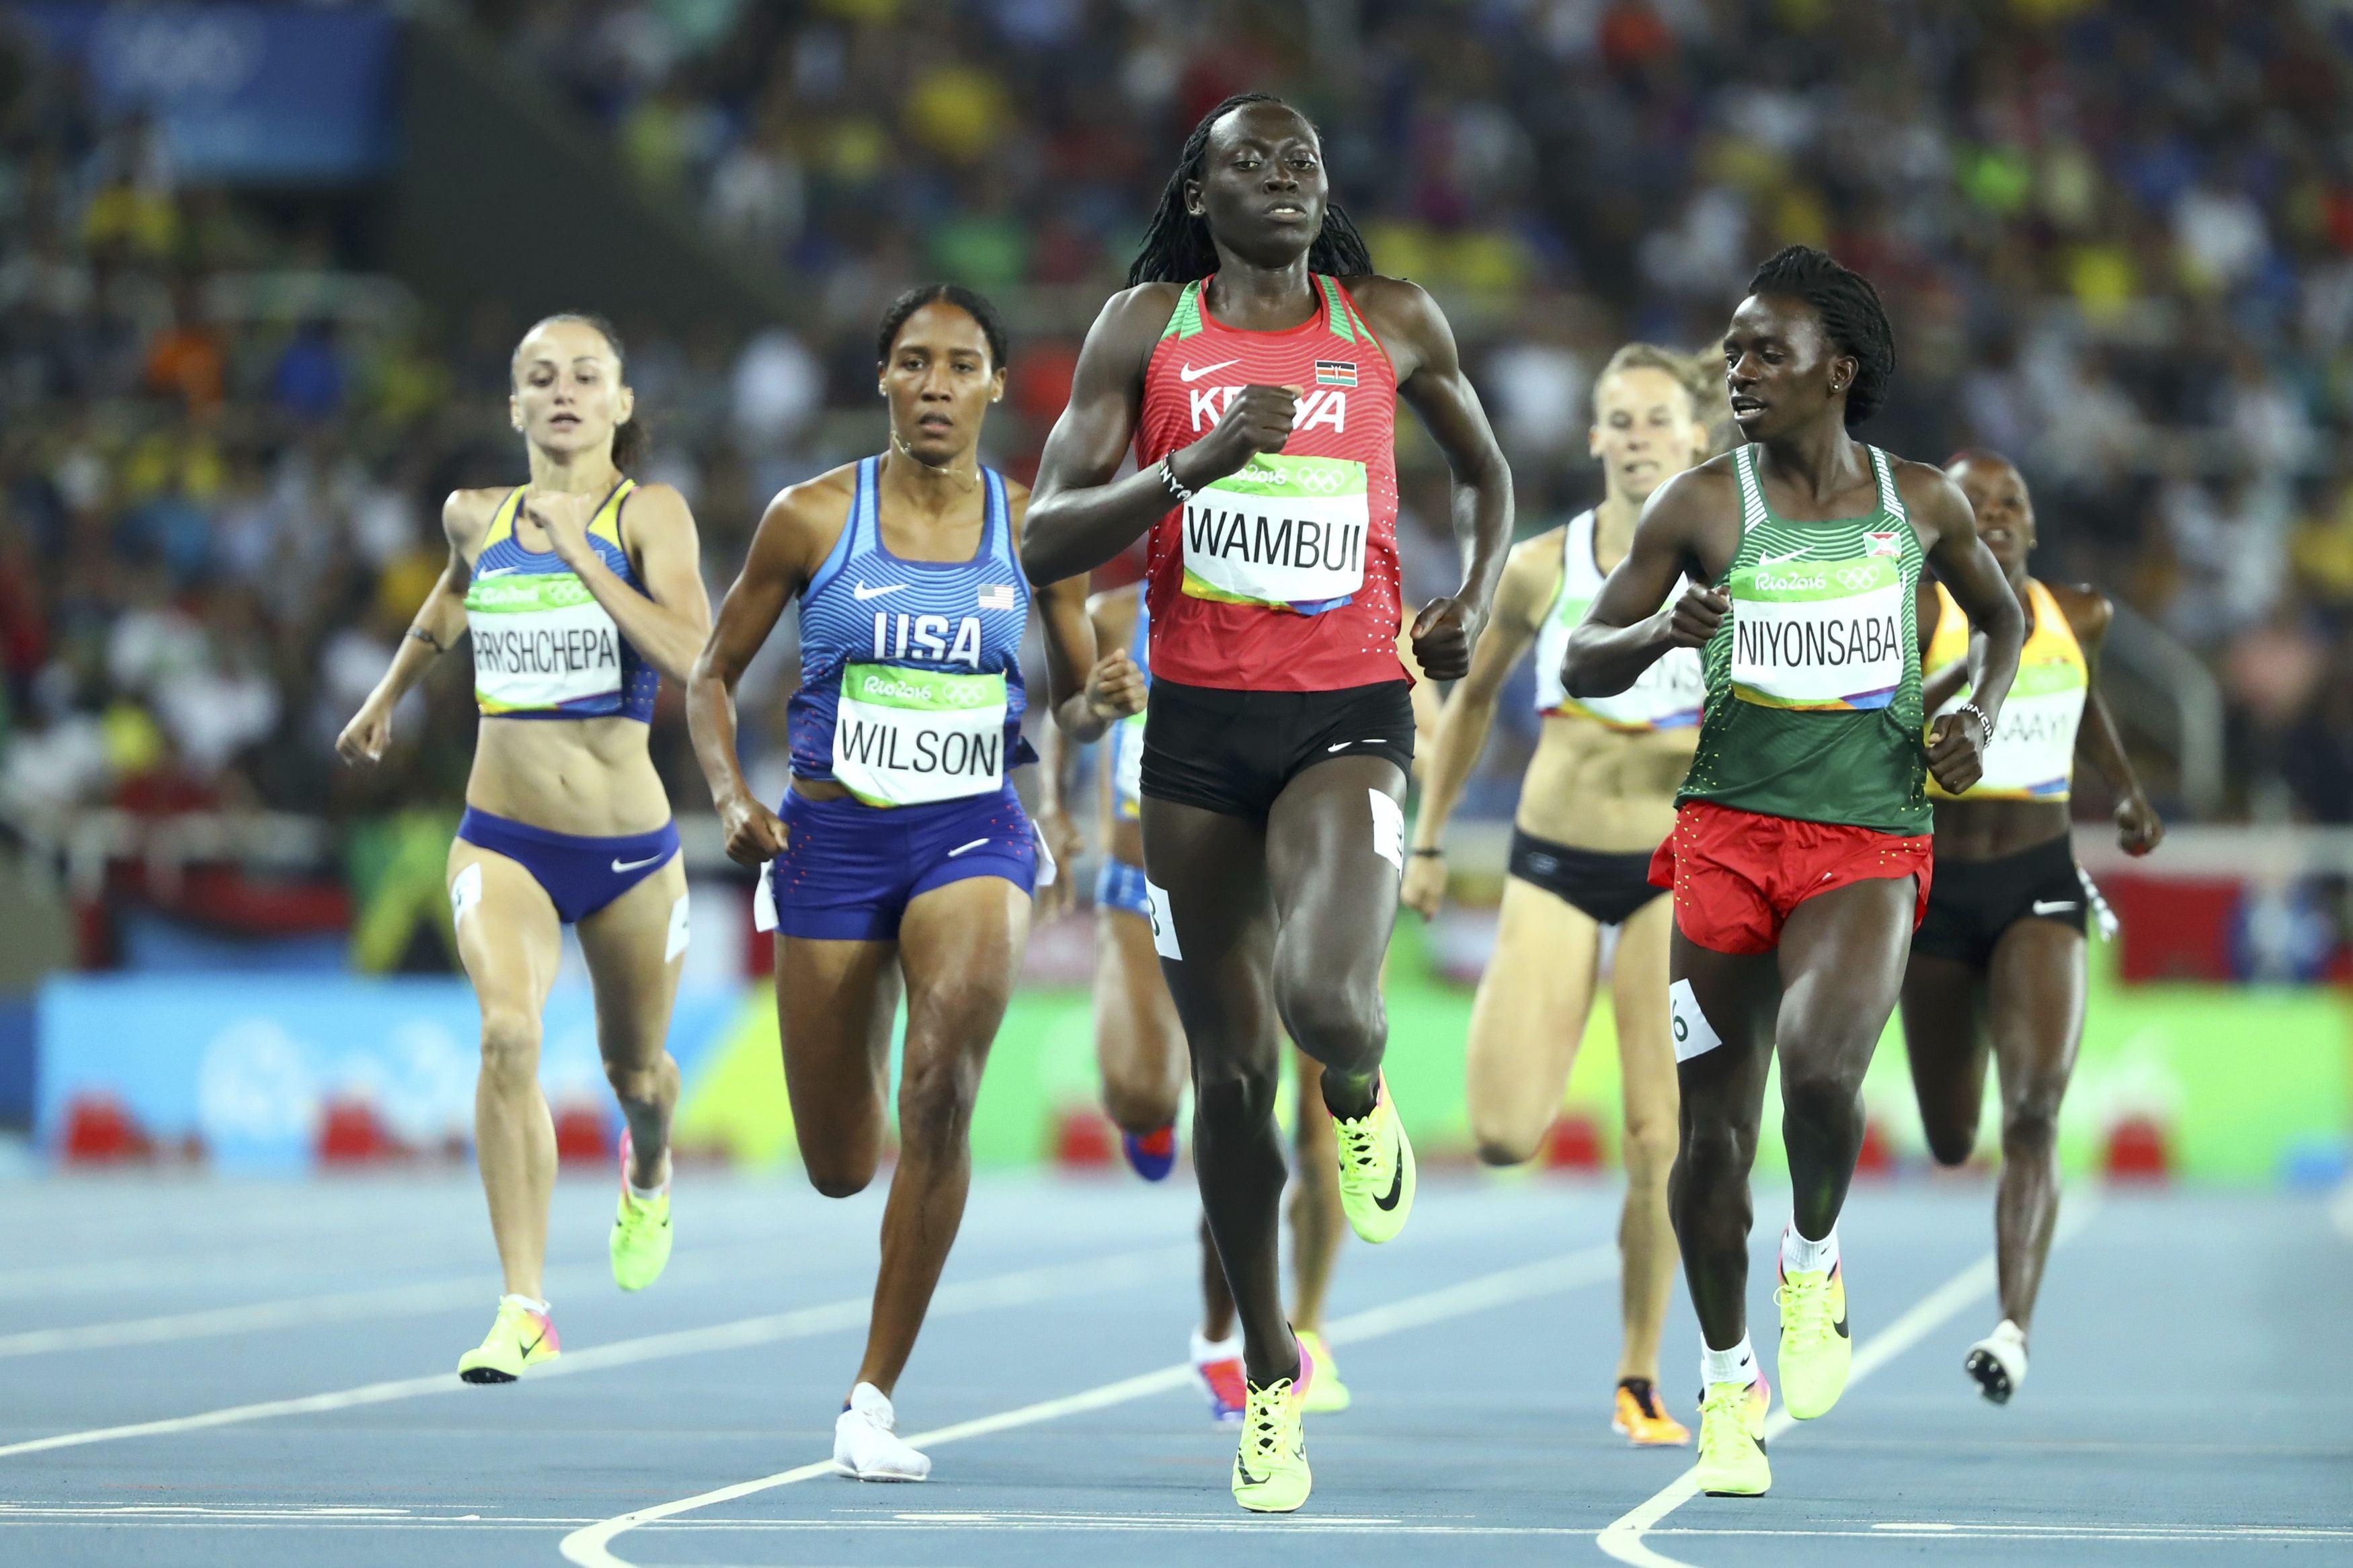 Олимпиада в Рио: расписание соревнований на 19 августа